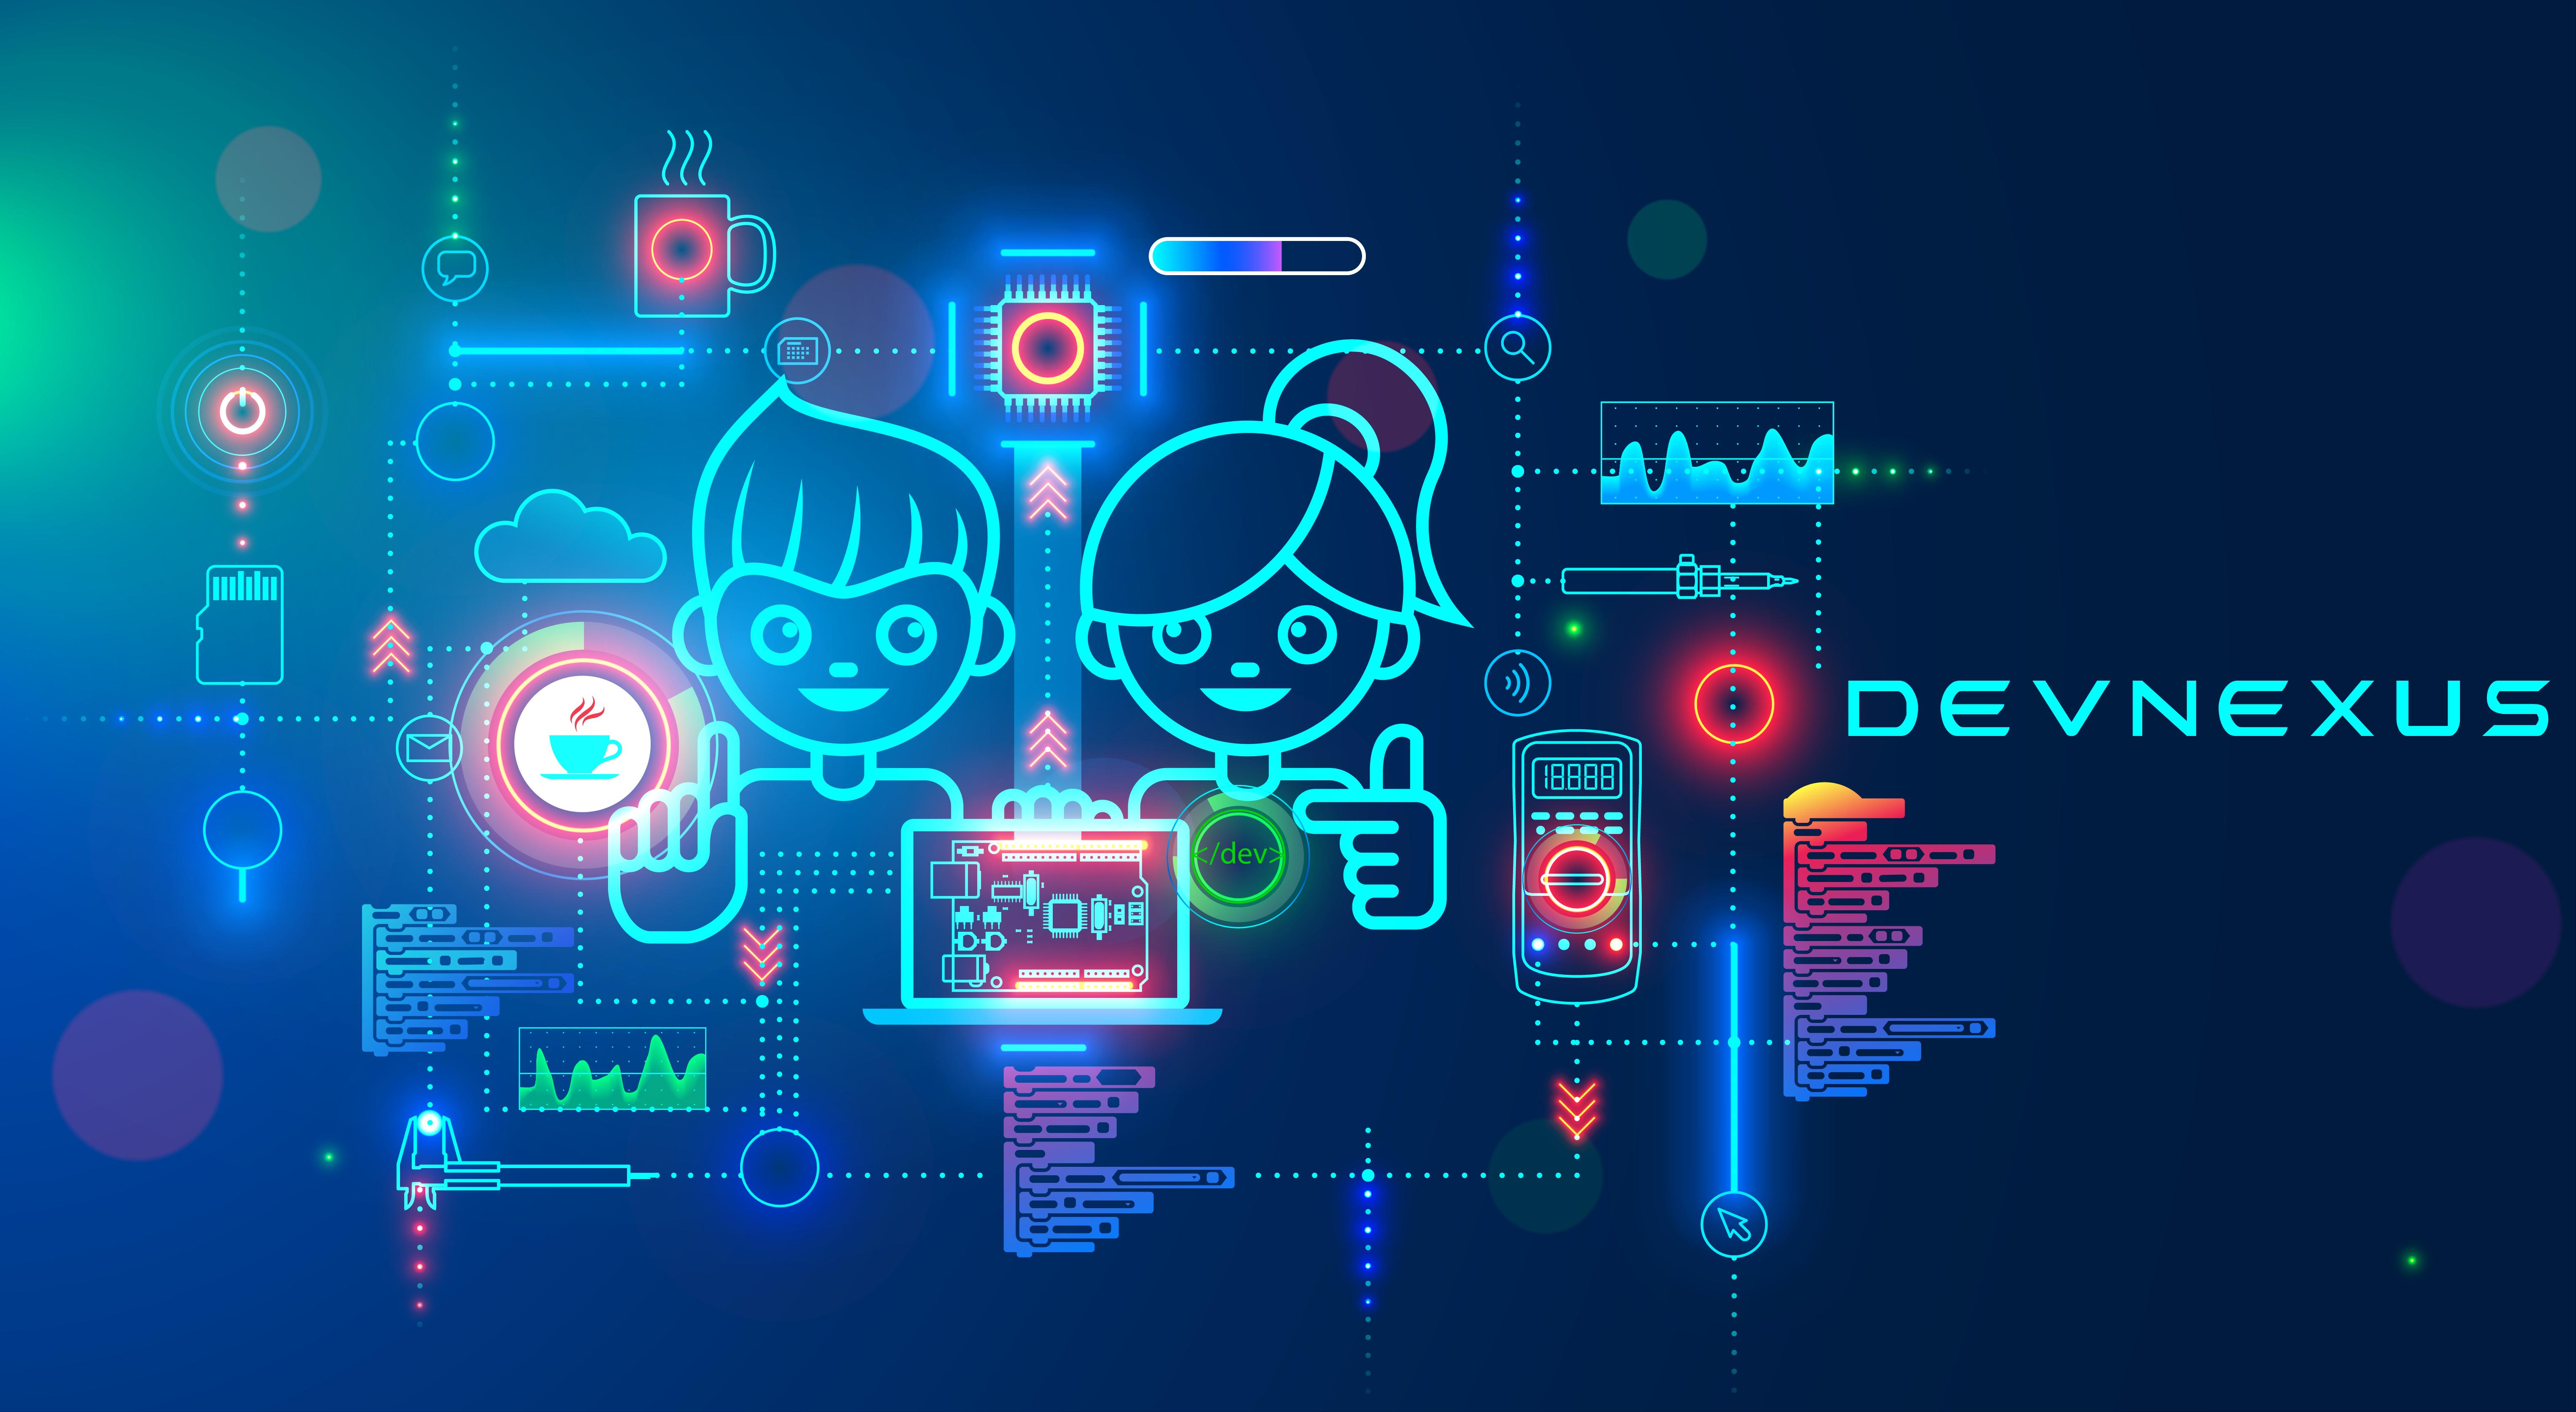 Devnexus Online